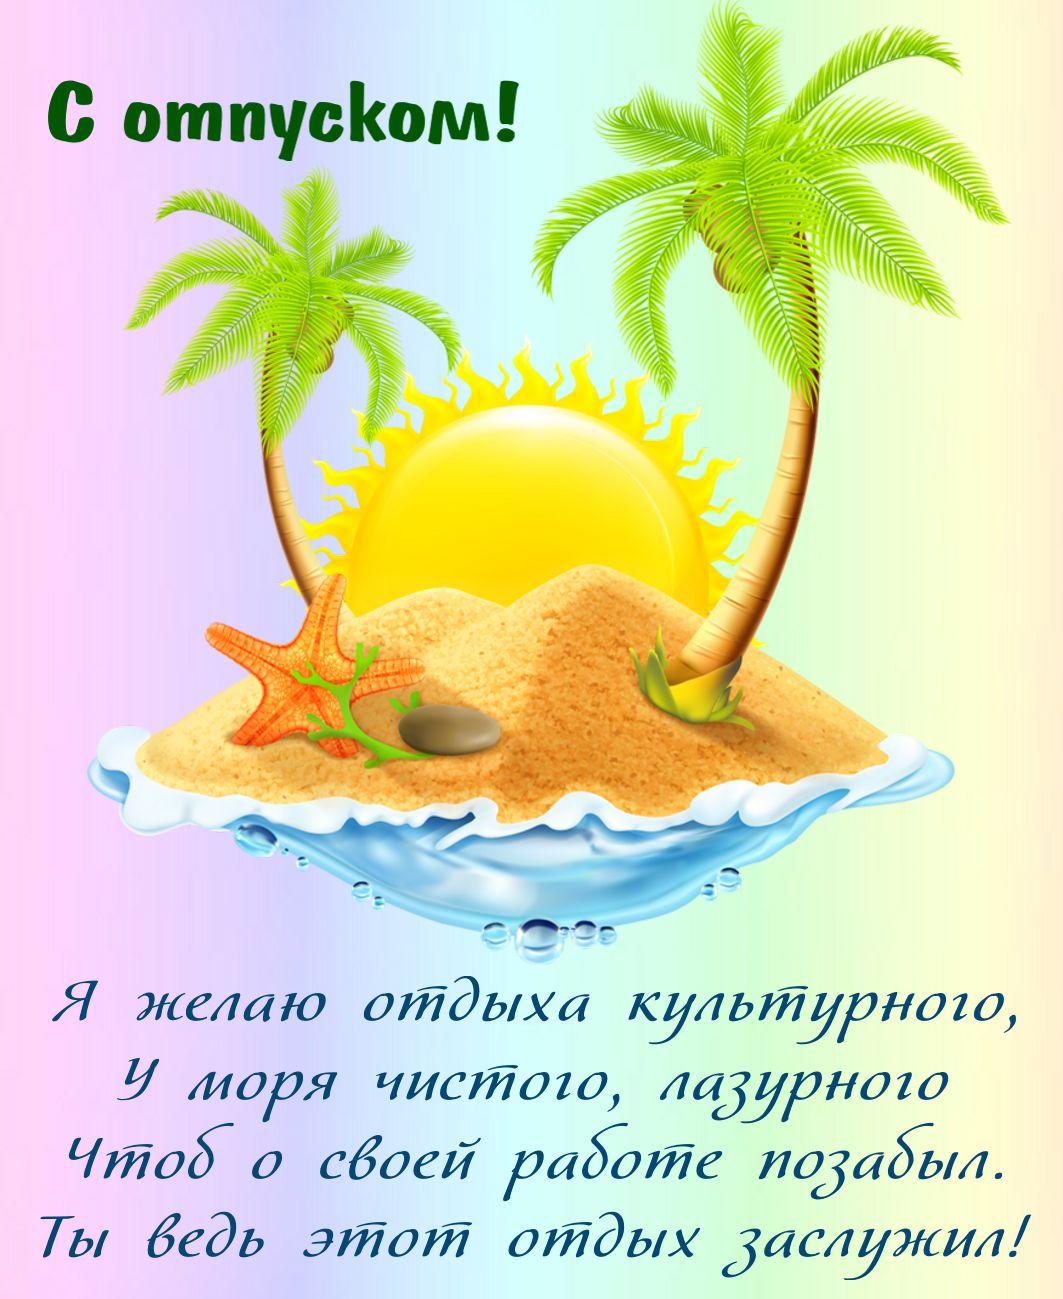 открытка - с отпуском! Тропический остров с пальмами